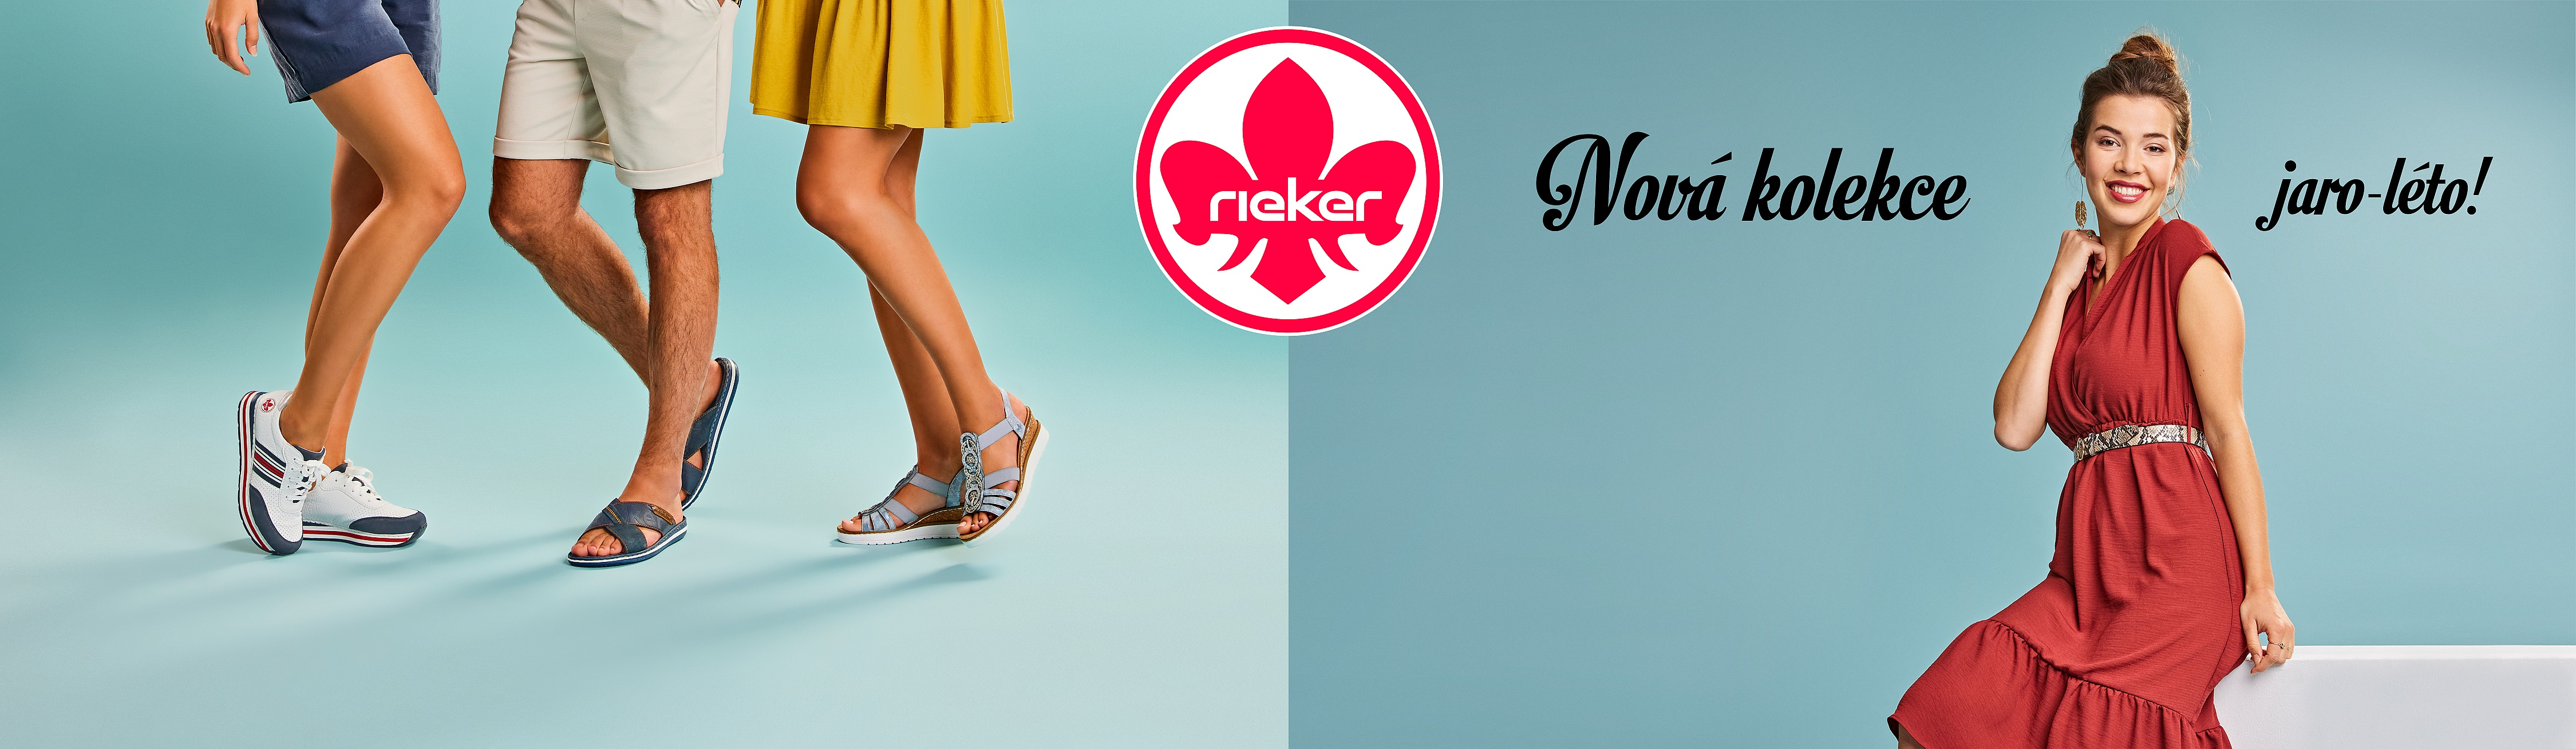 Rieker kolekce obuvi - Obuv Beako - Tradice a kvalita od roku 1992